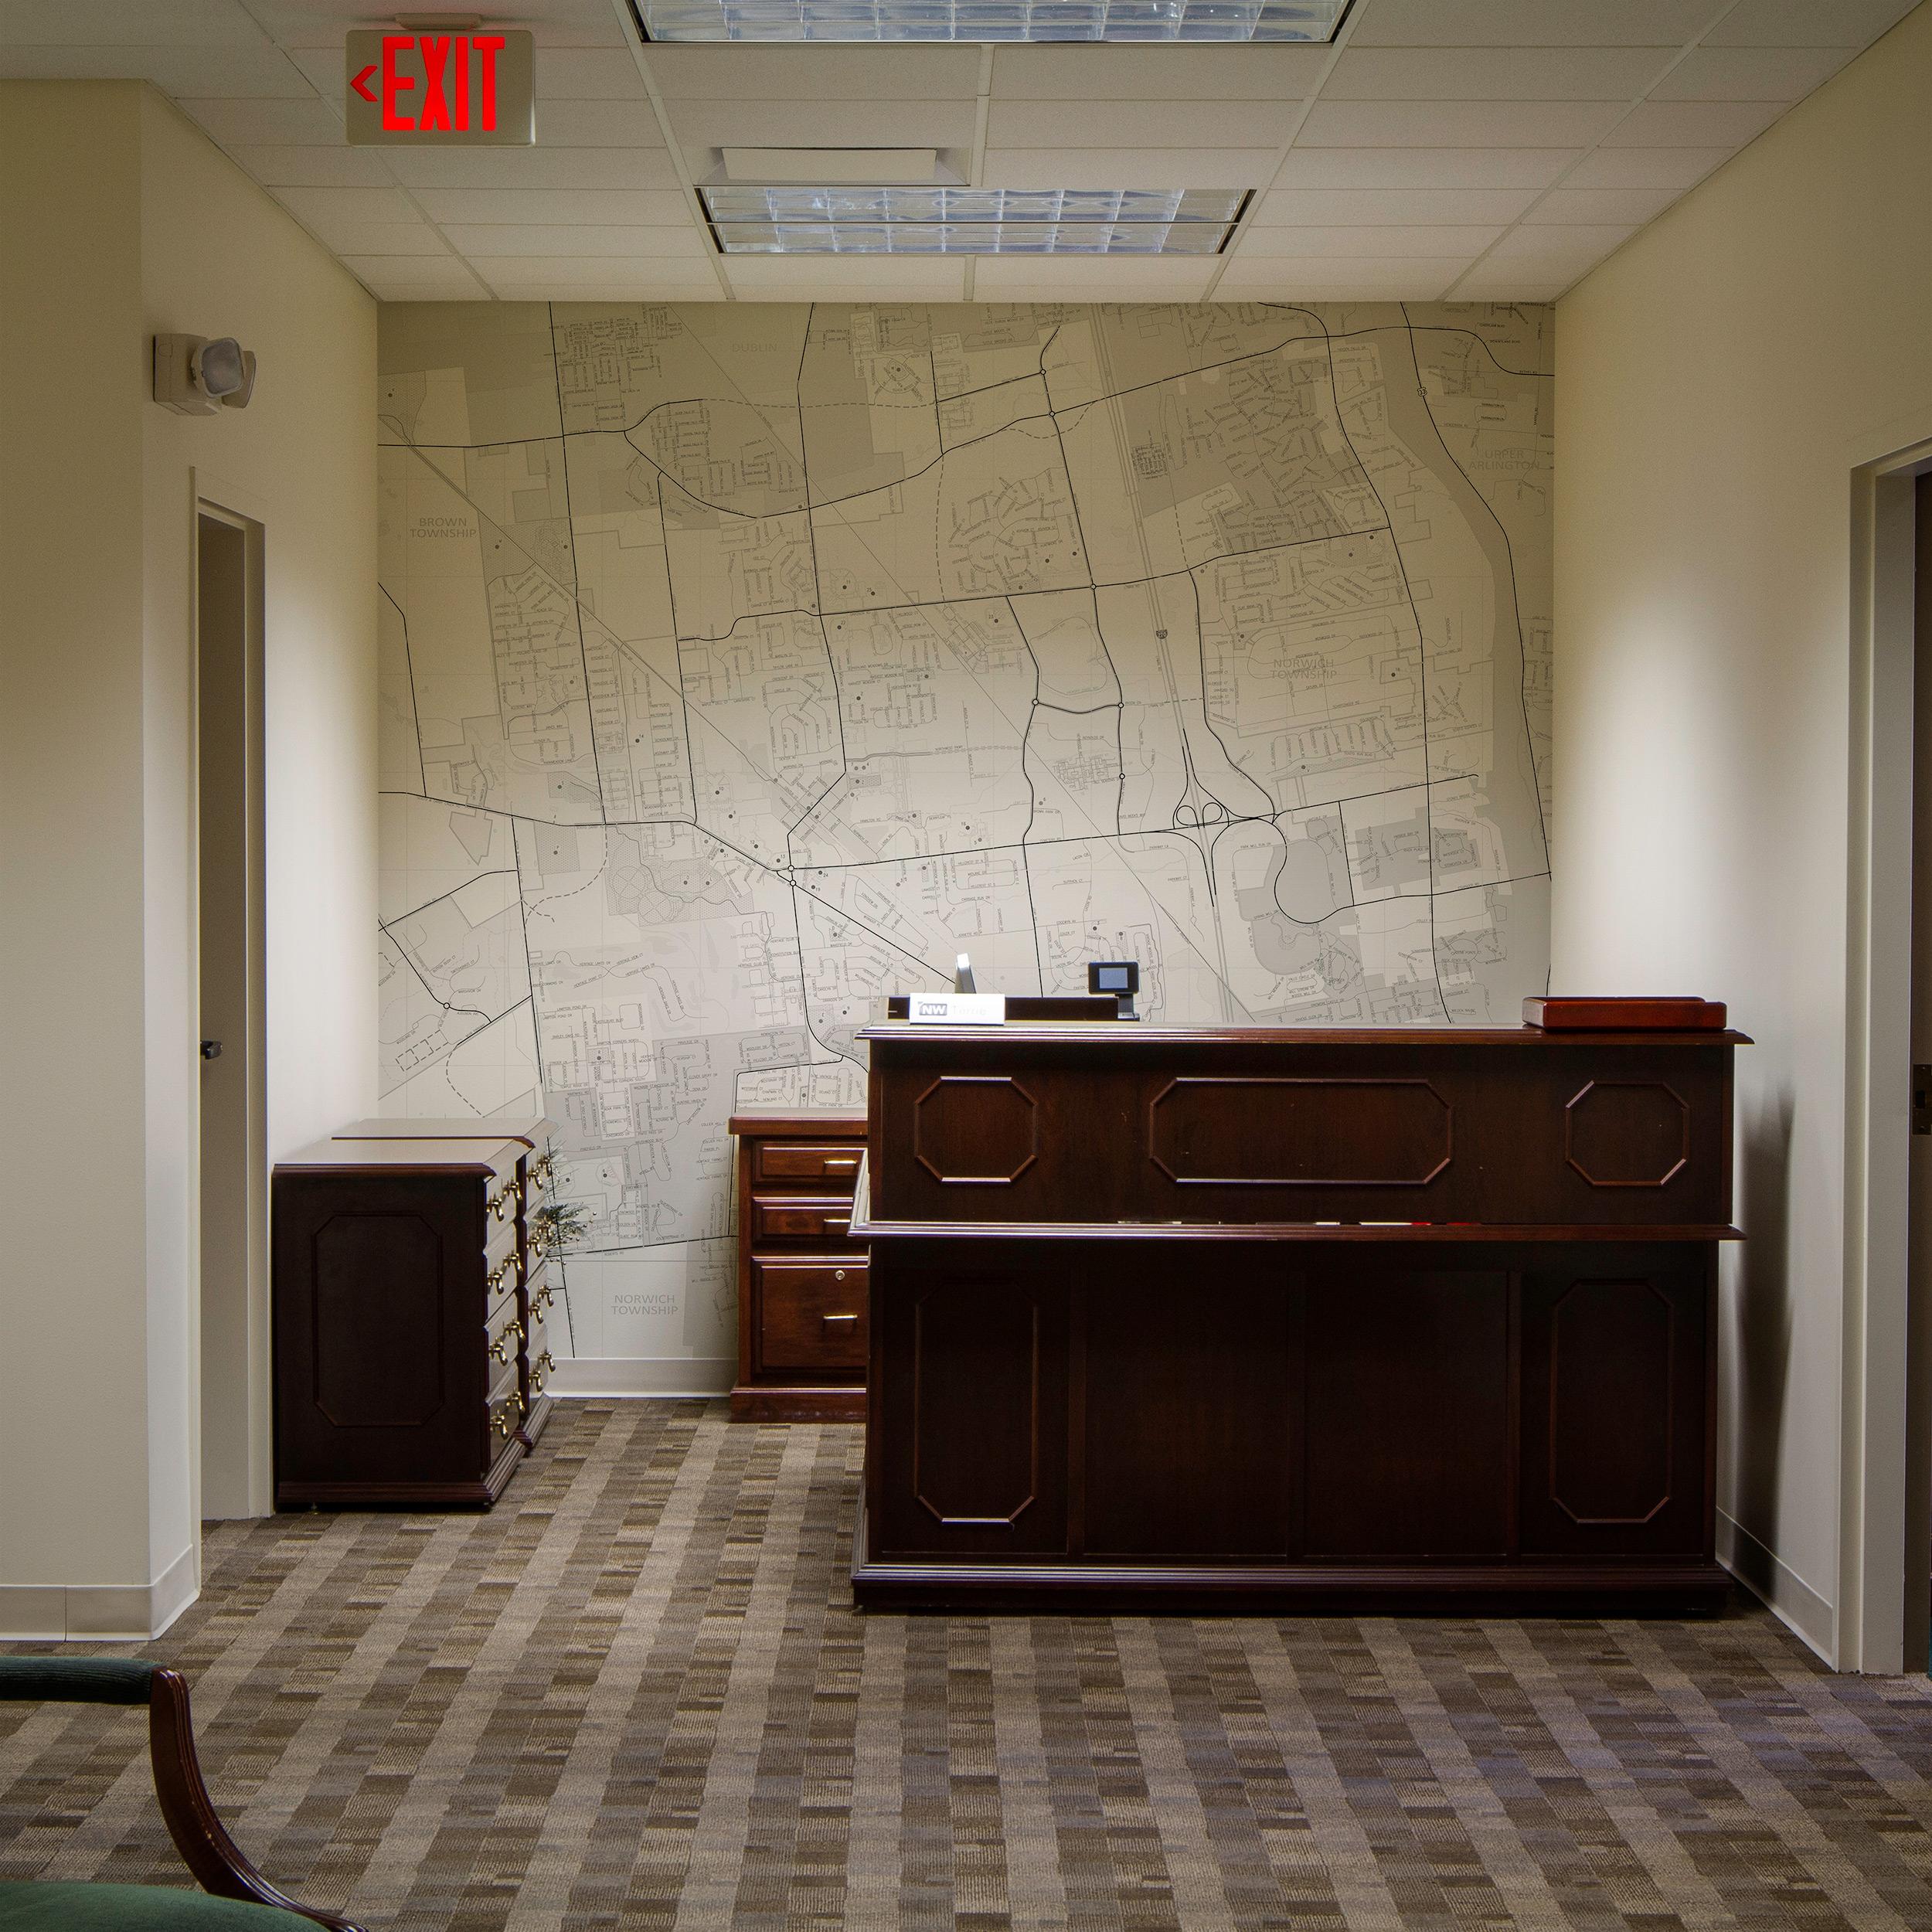 Office-Wall-v1-web.jpg